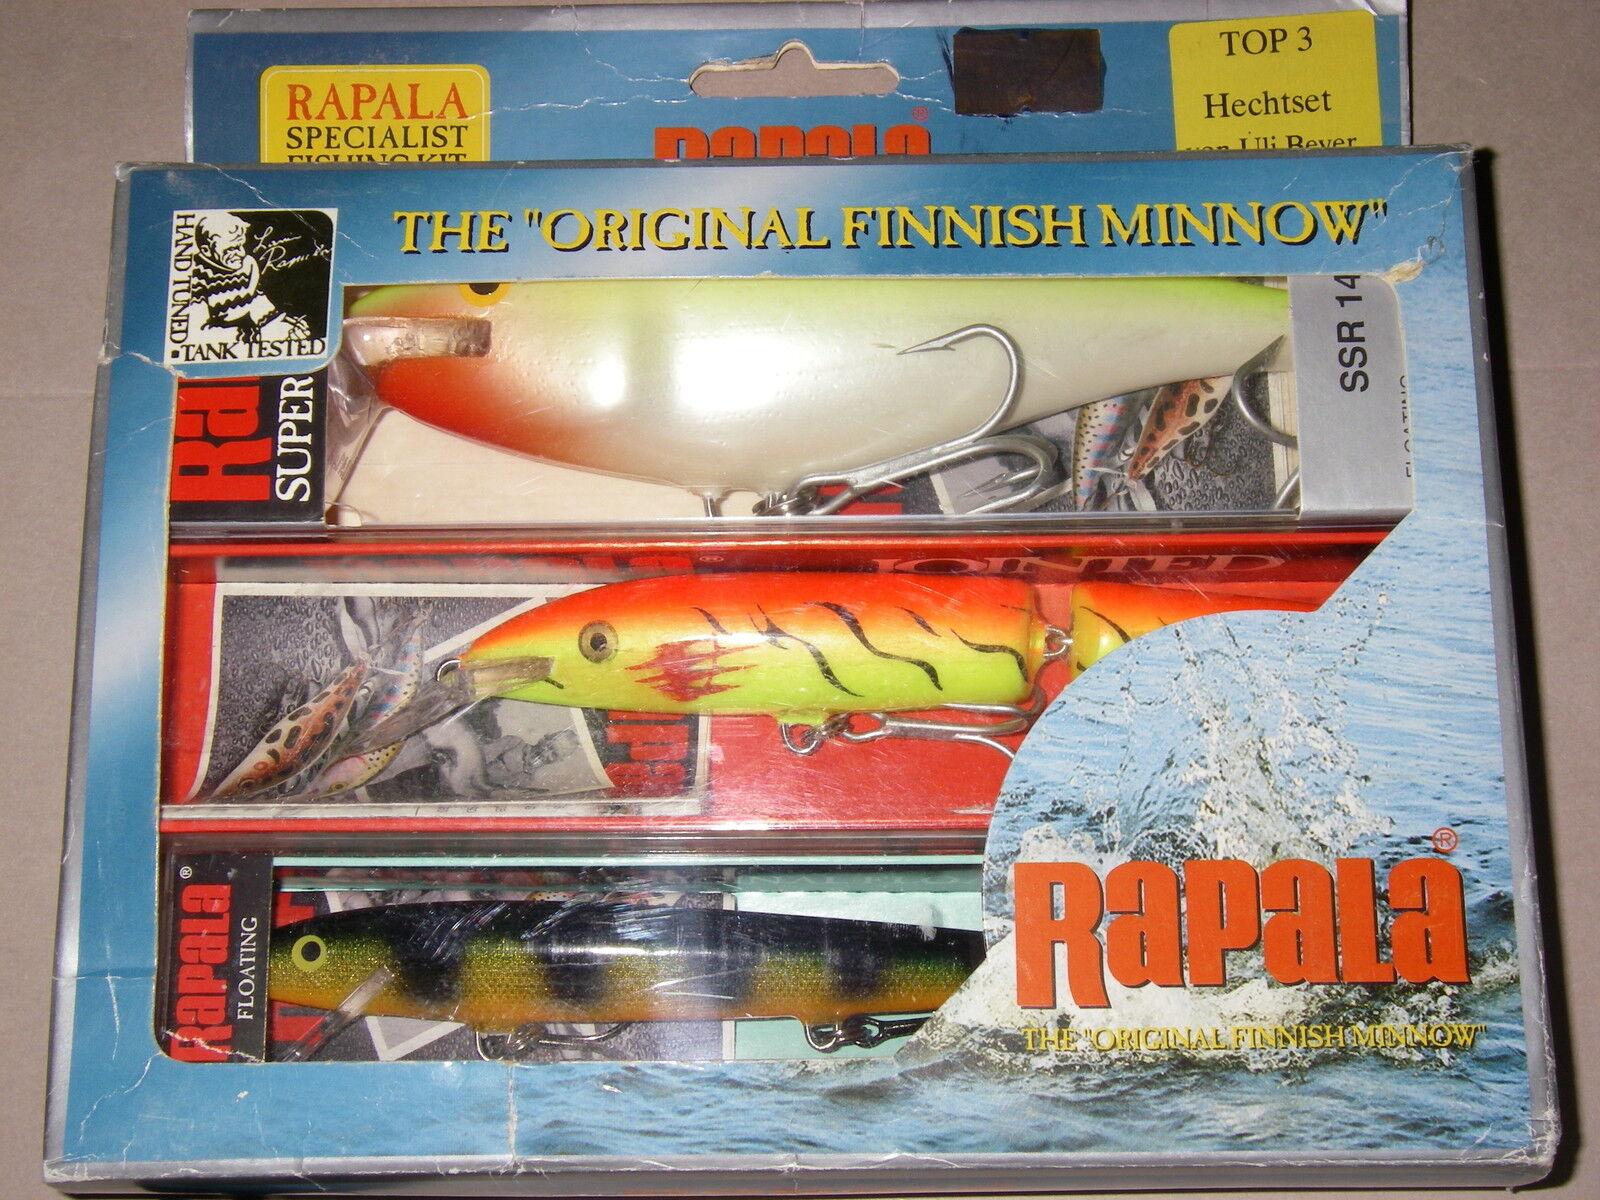 Rapala Specialist Specialist Specialist Fishing Kit   Hecht Set fe8098